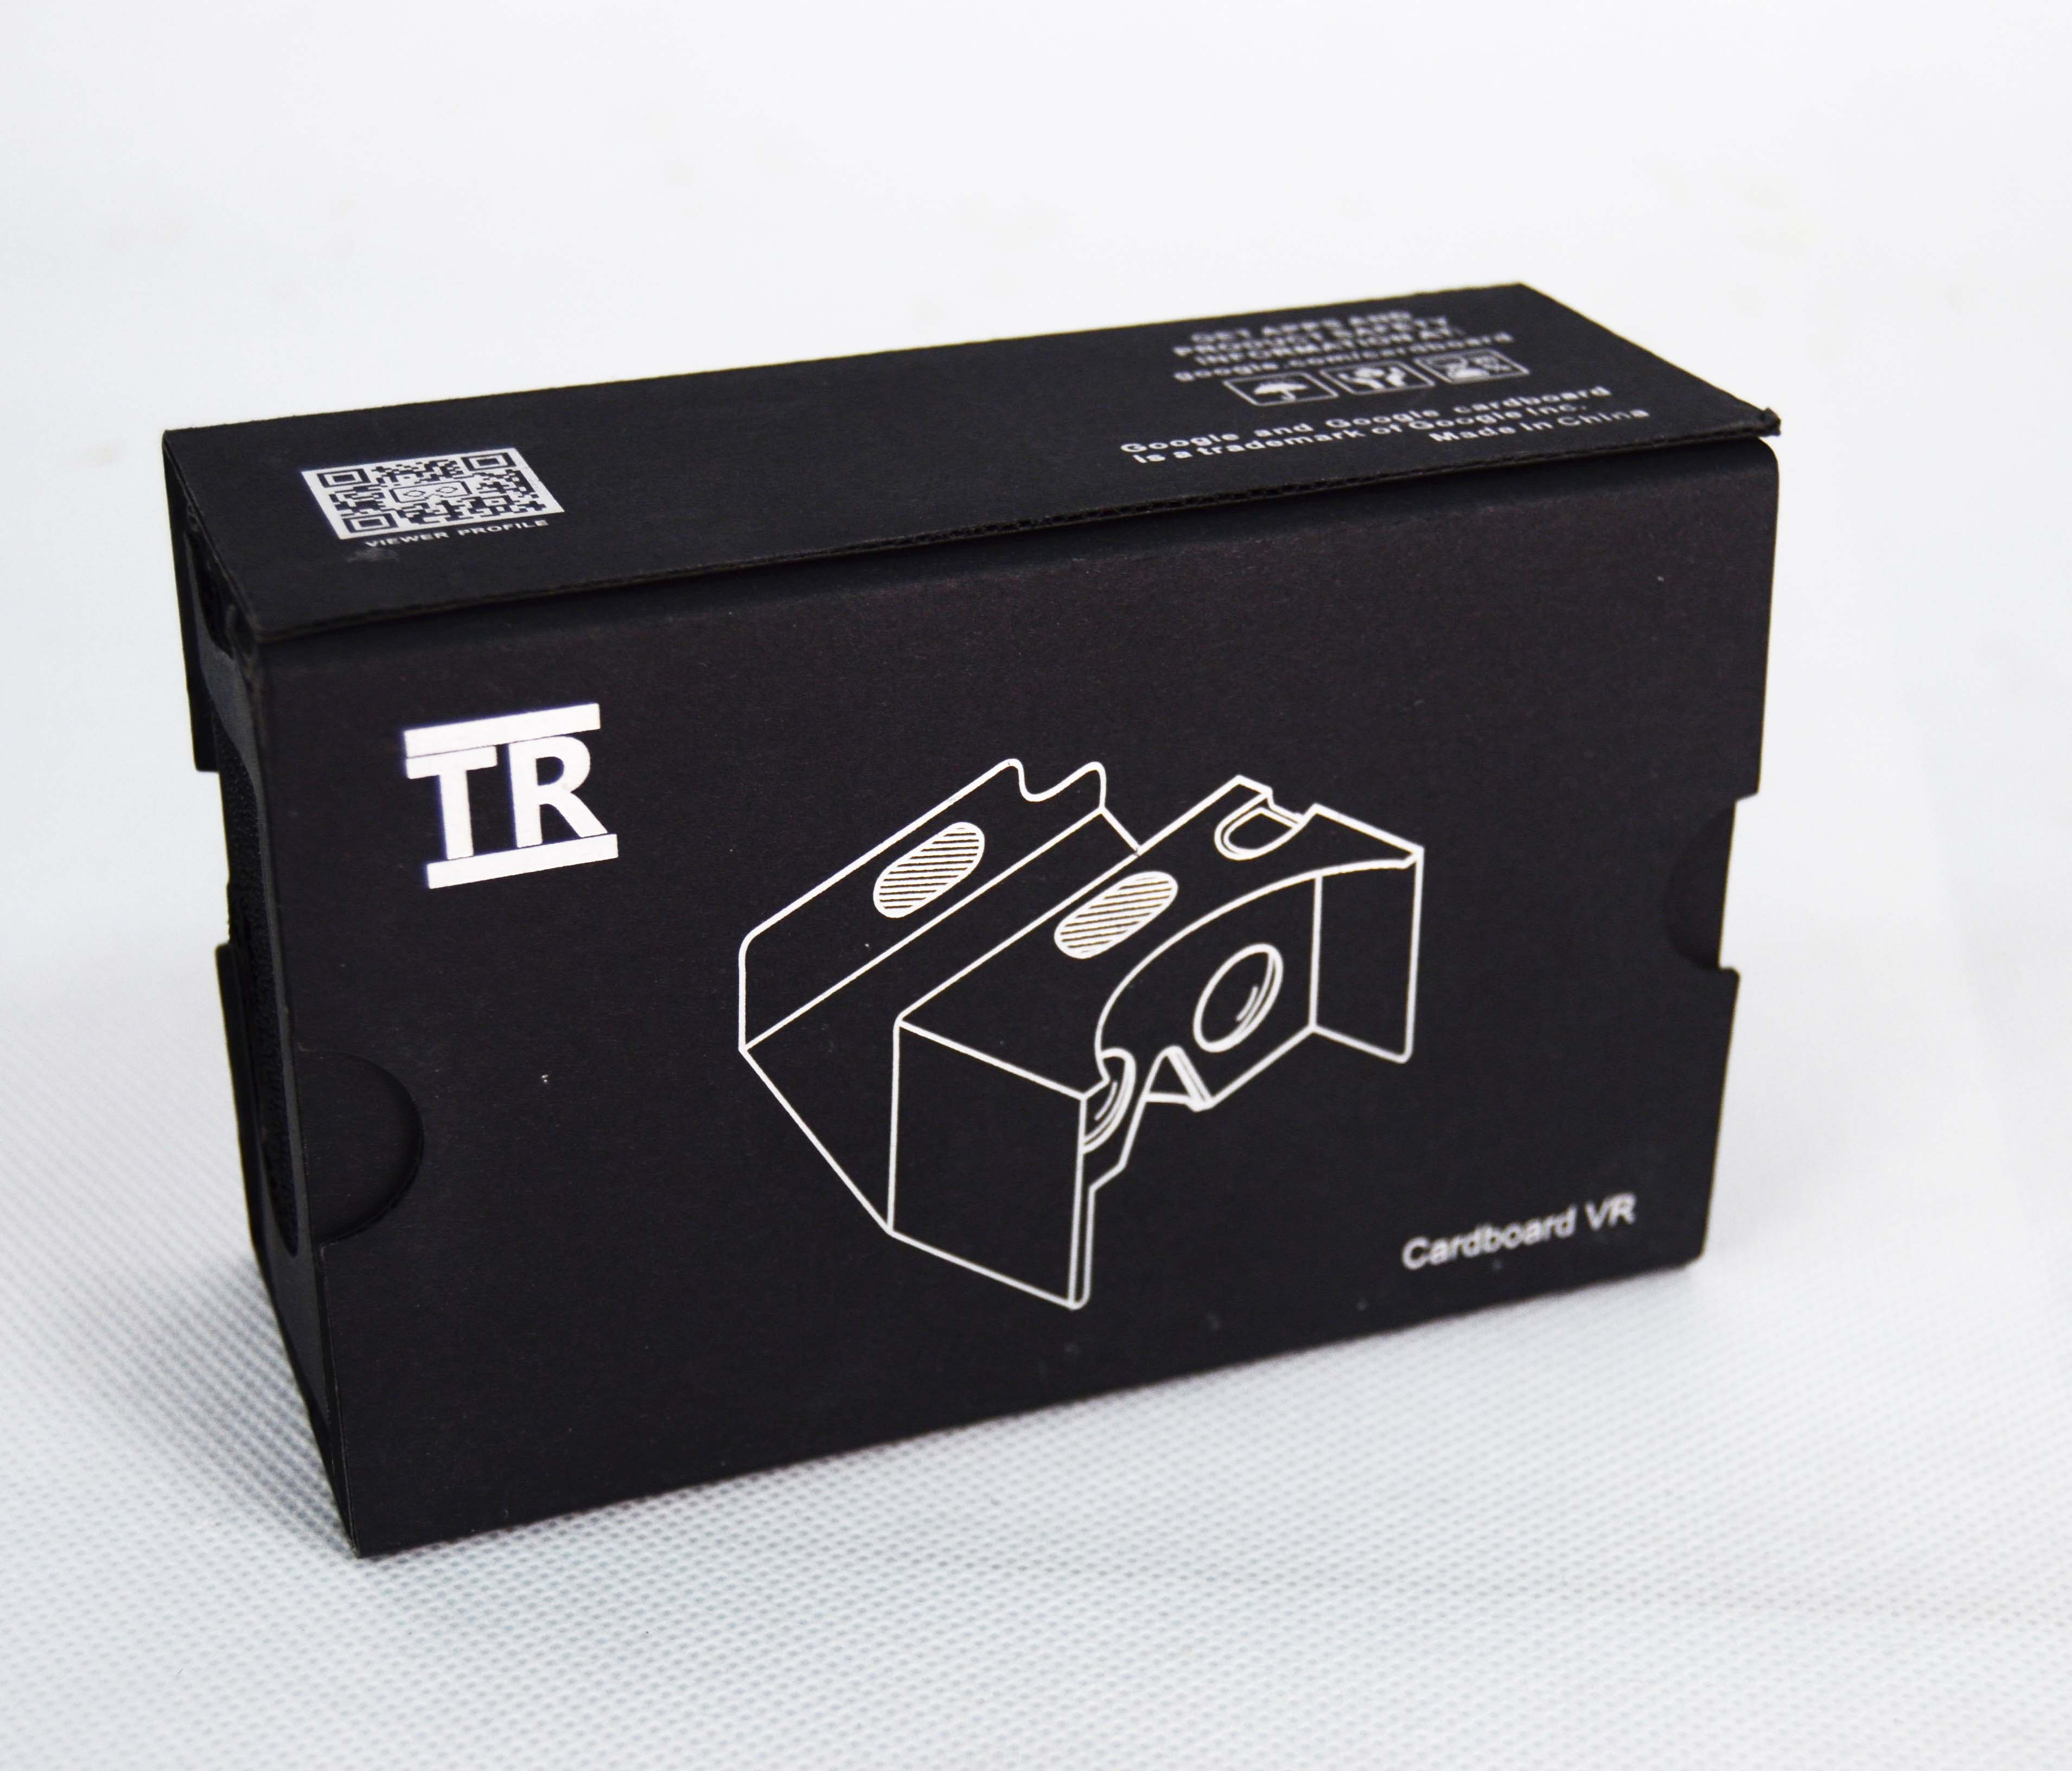 تخصيص التجزئة المنظور صندوق تعبئة بلاستيكي مع تخصيص حجم ولون الشعار